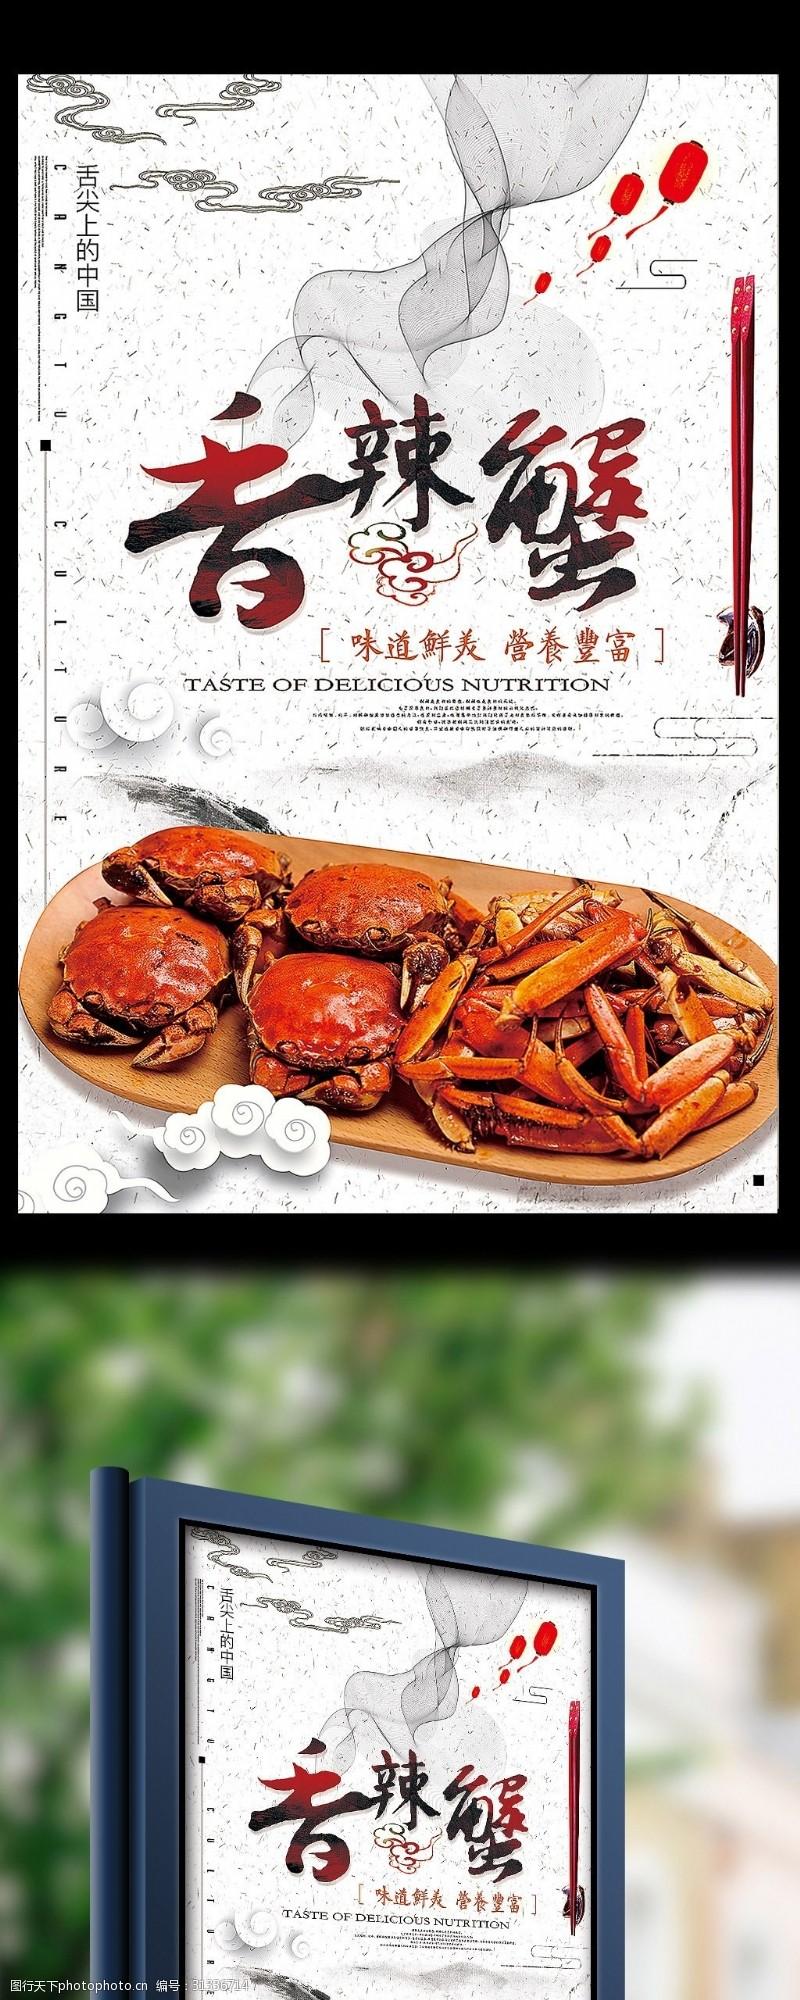 干鍋香辣蟹香辣蟹美食海報設計